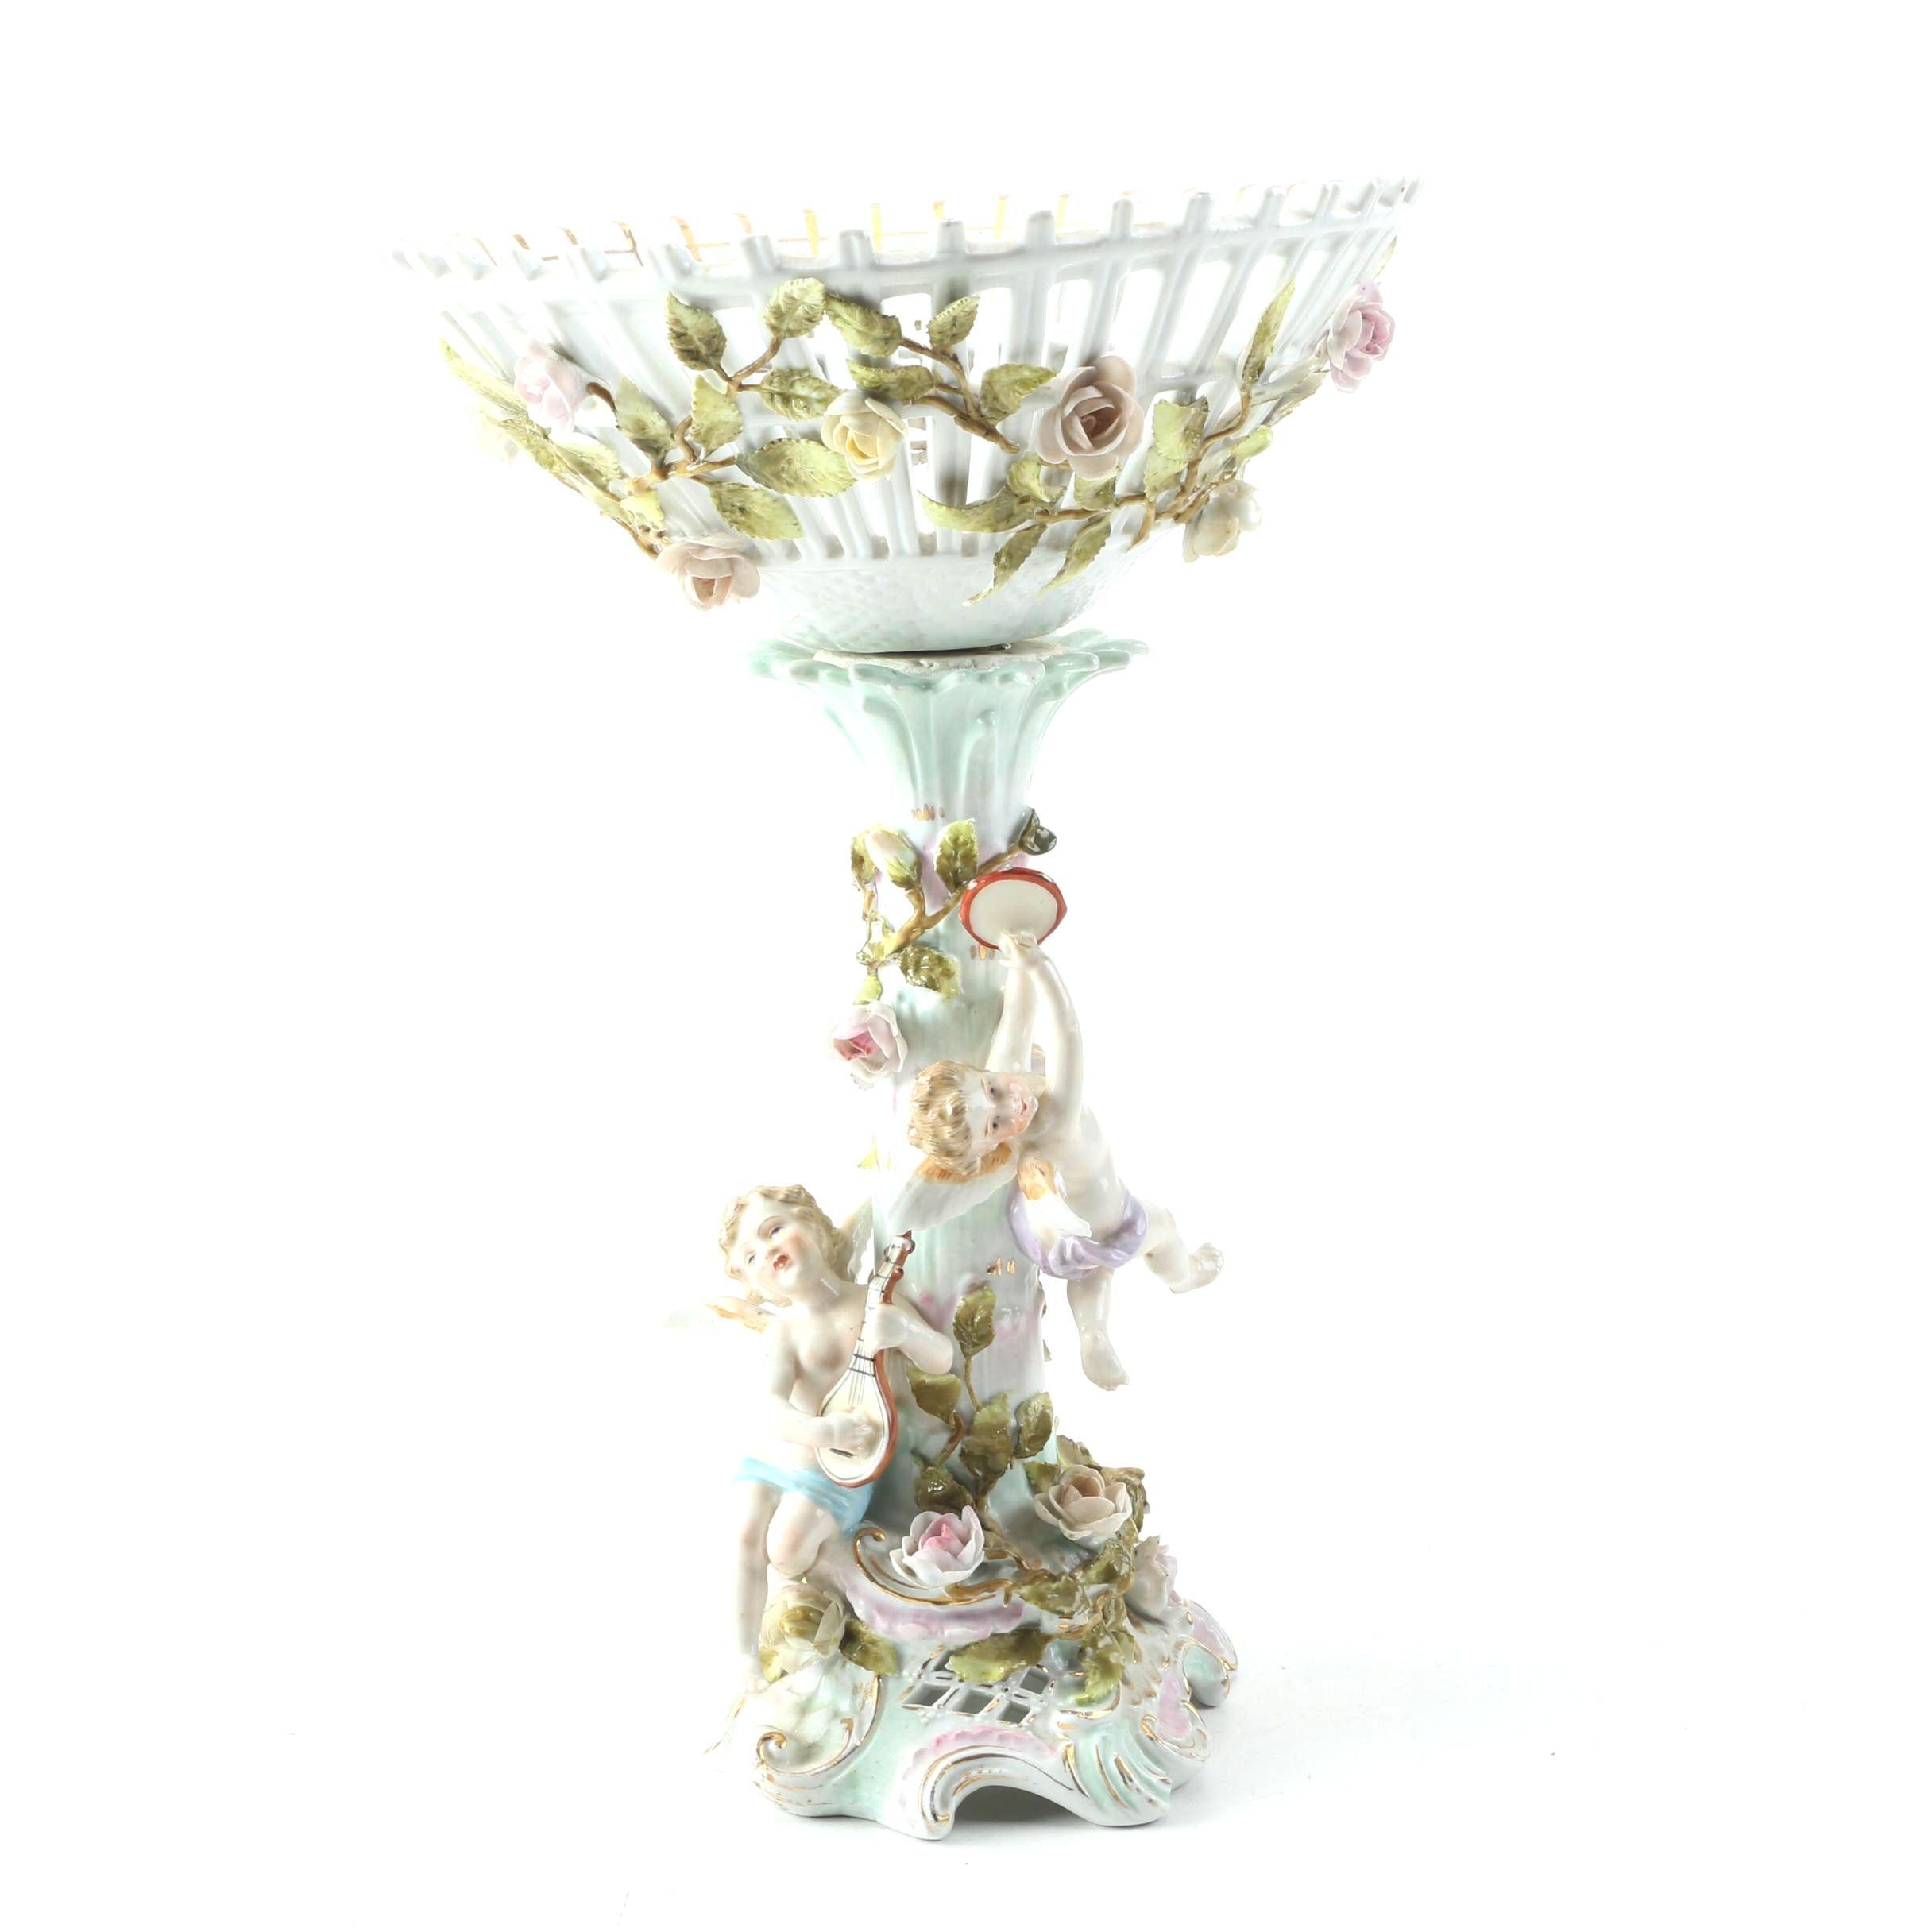 Antique C.G. Schierholz Porcelain Compote